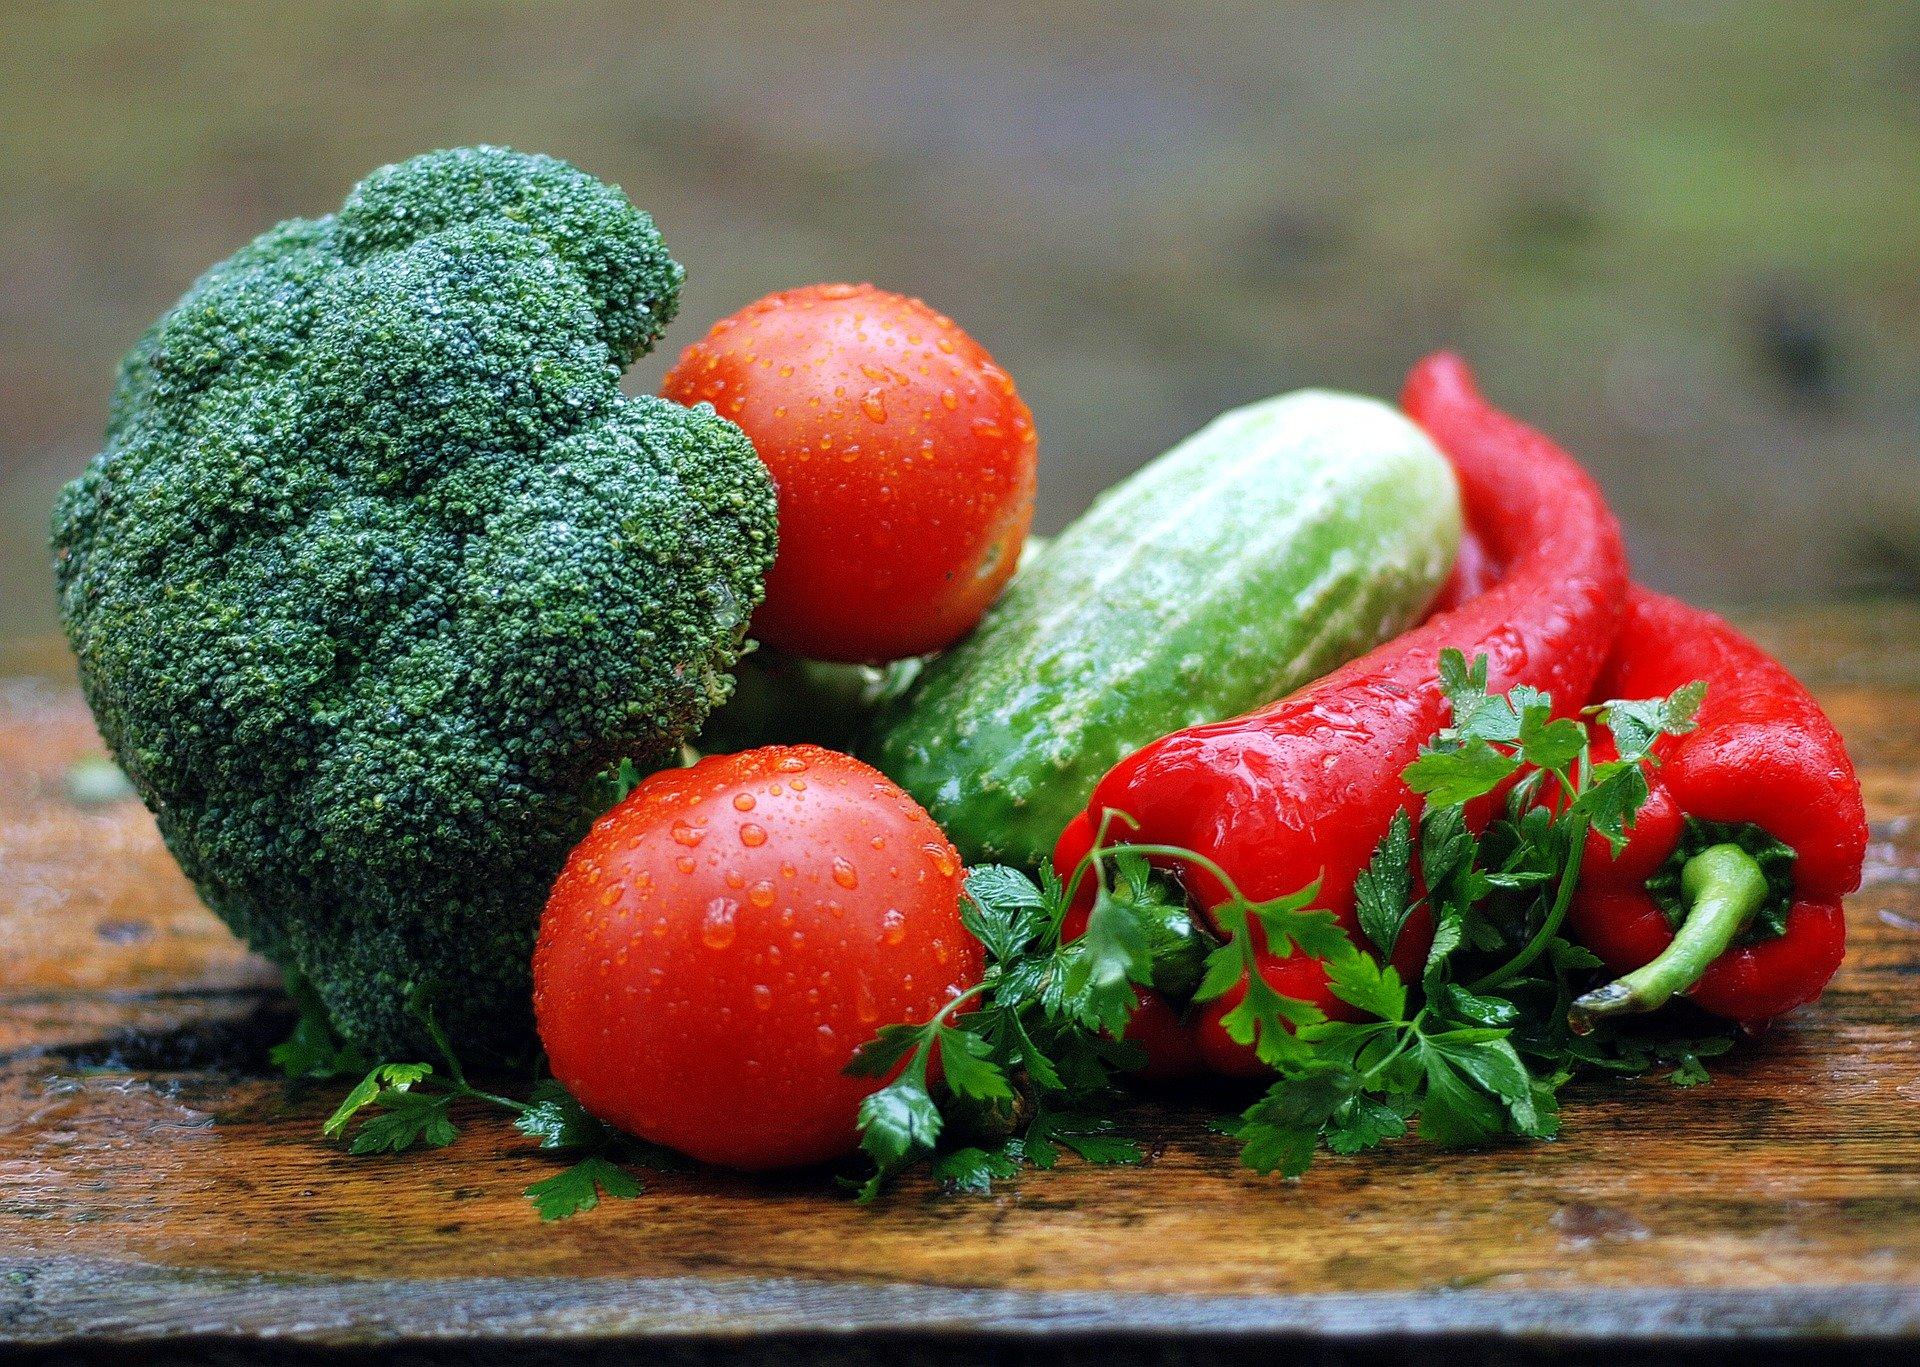 UTAD: II Jornadas de Ciências da Nutrição dedicadas à Alimentação Sustentável